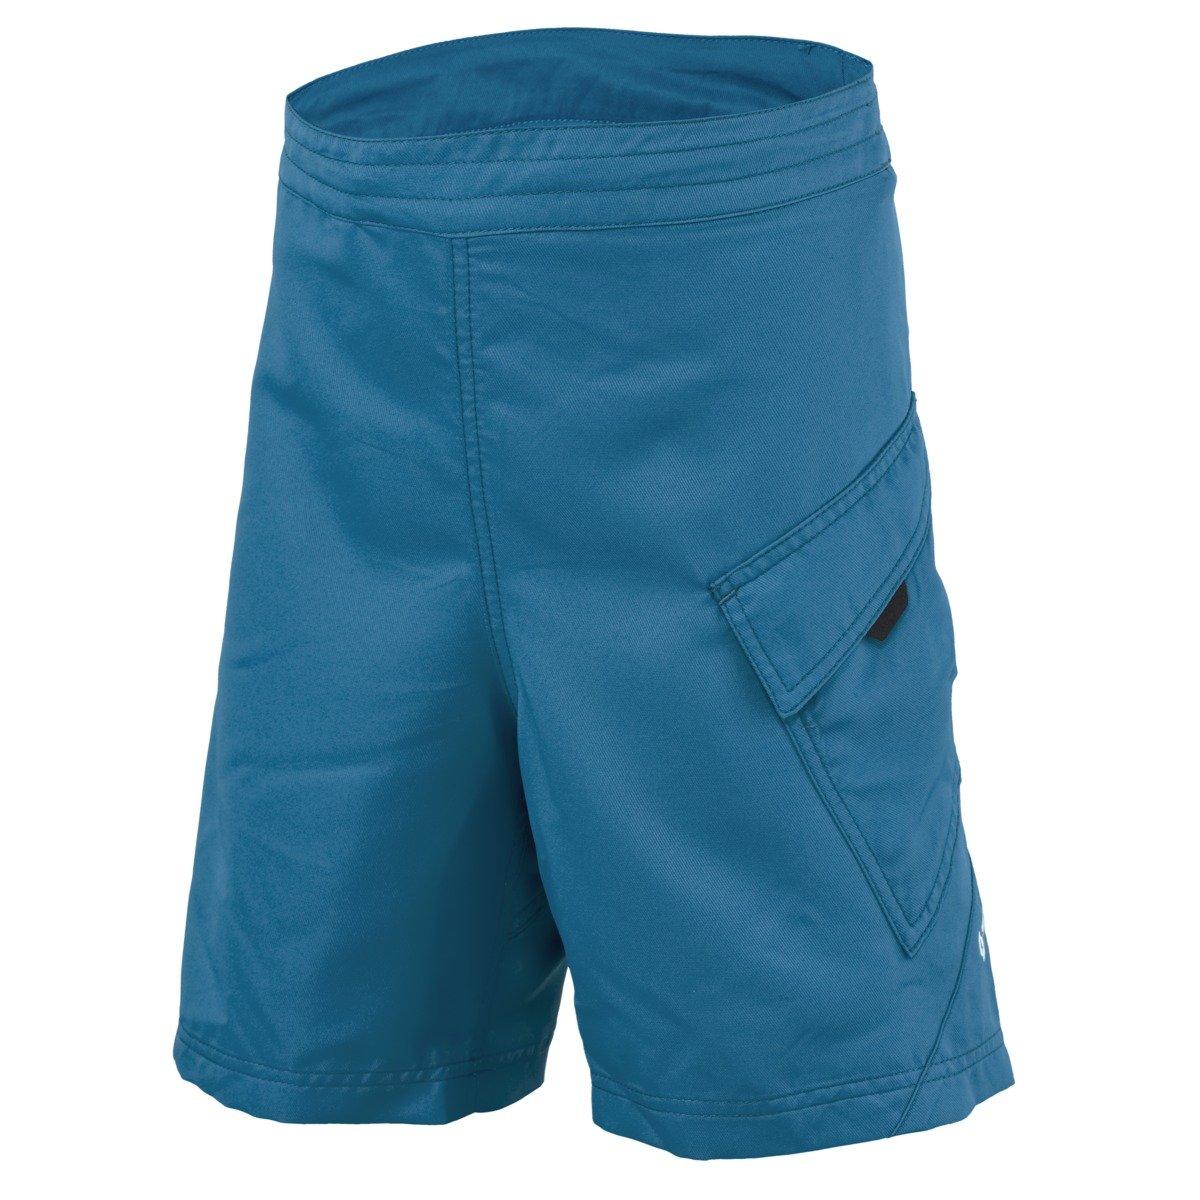 Scott Trail Flow bambini Junior pantaloni corti da ciclismo blu scuro 2016